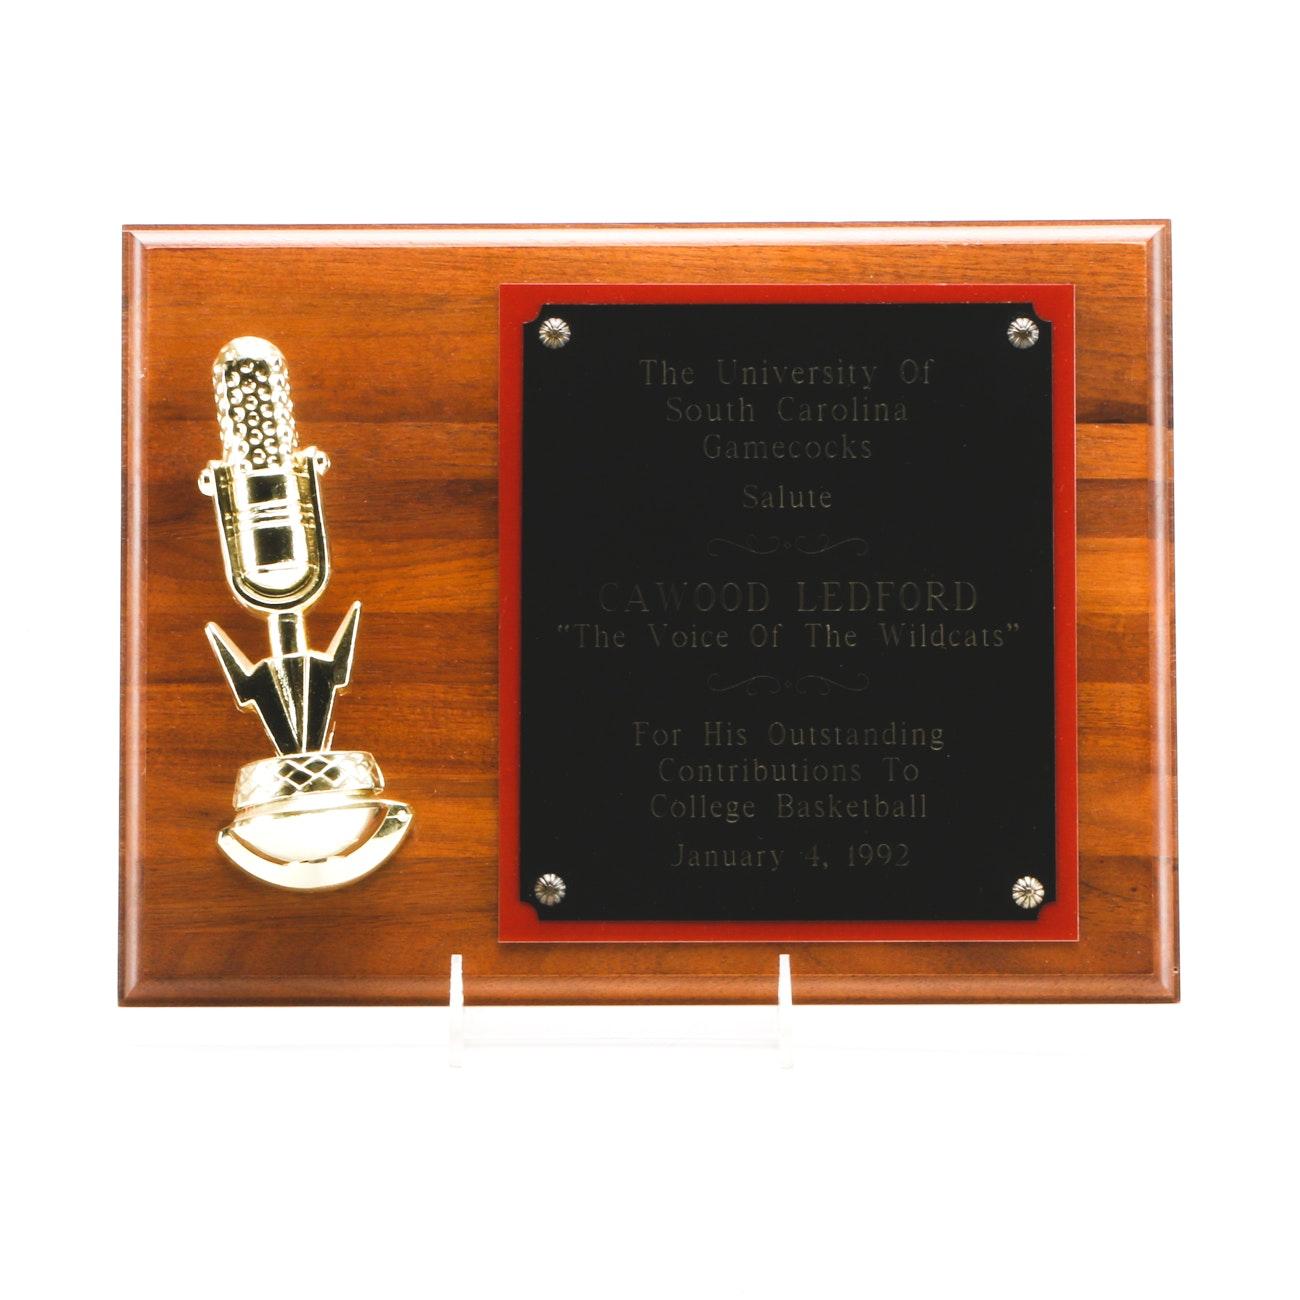 1992 University Of South Carolina Basketball Award To Cawood Ledford